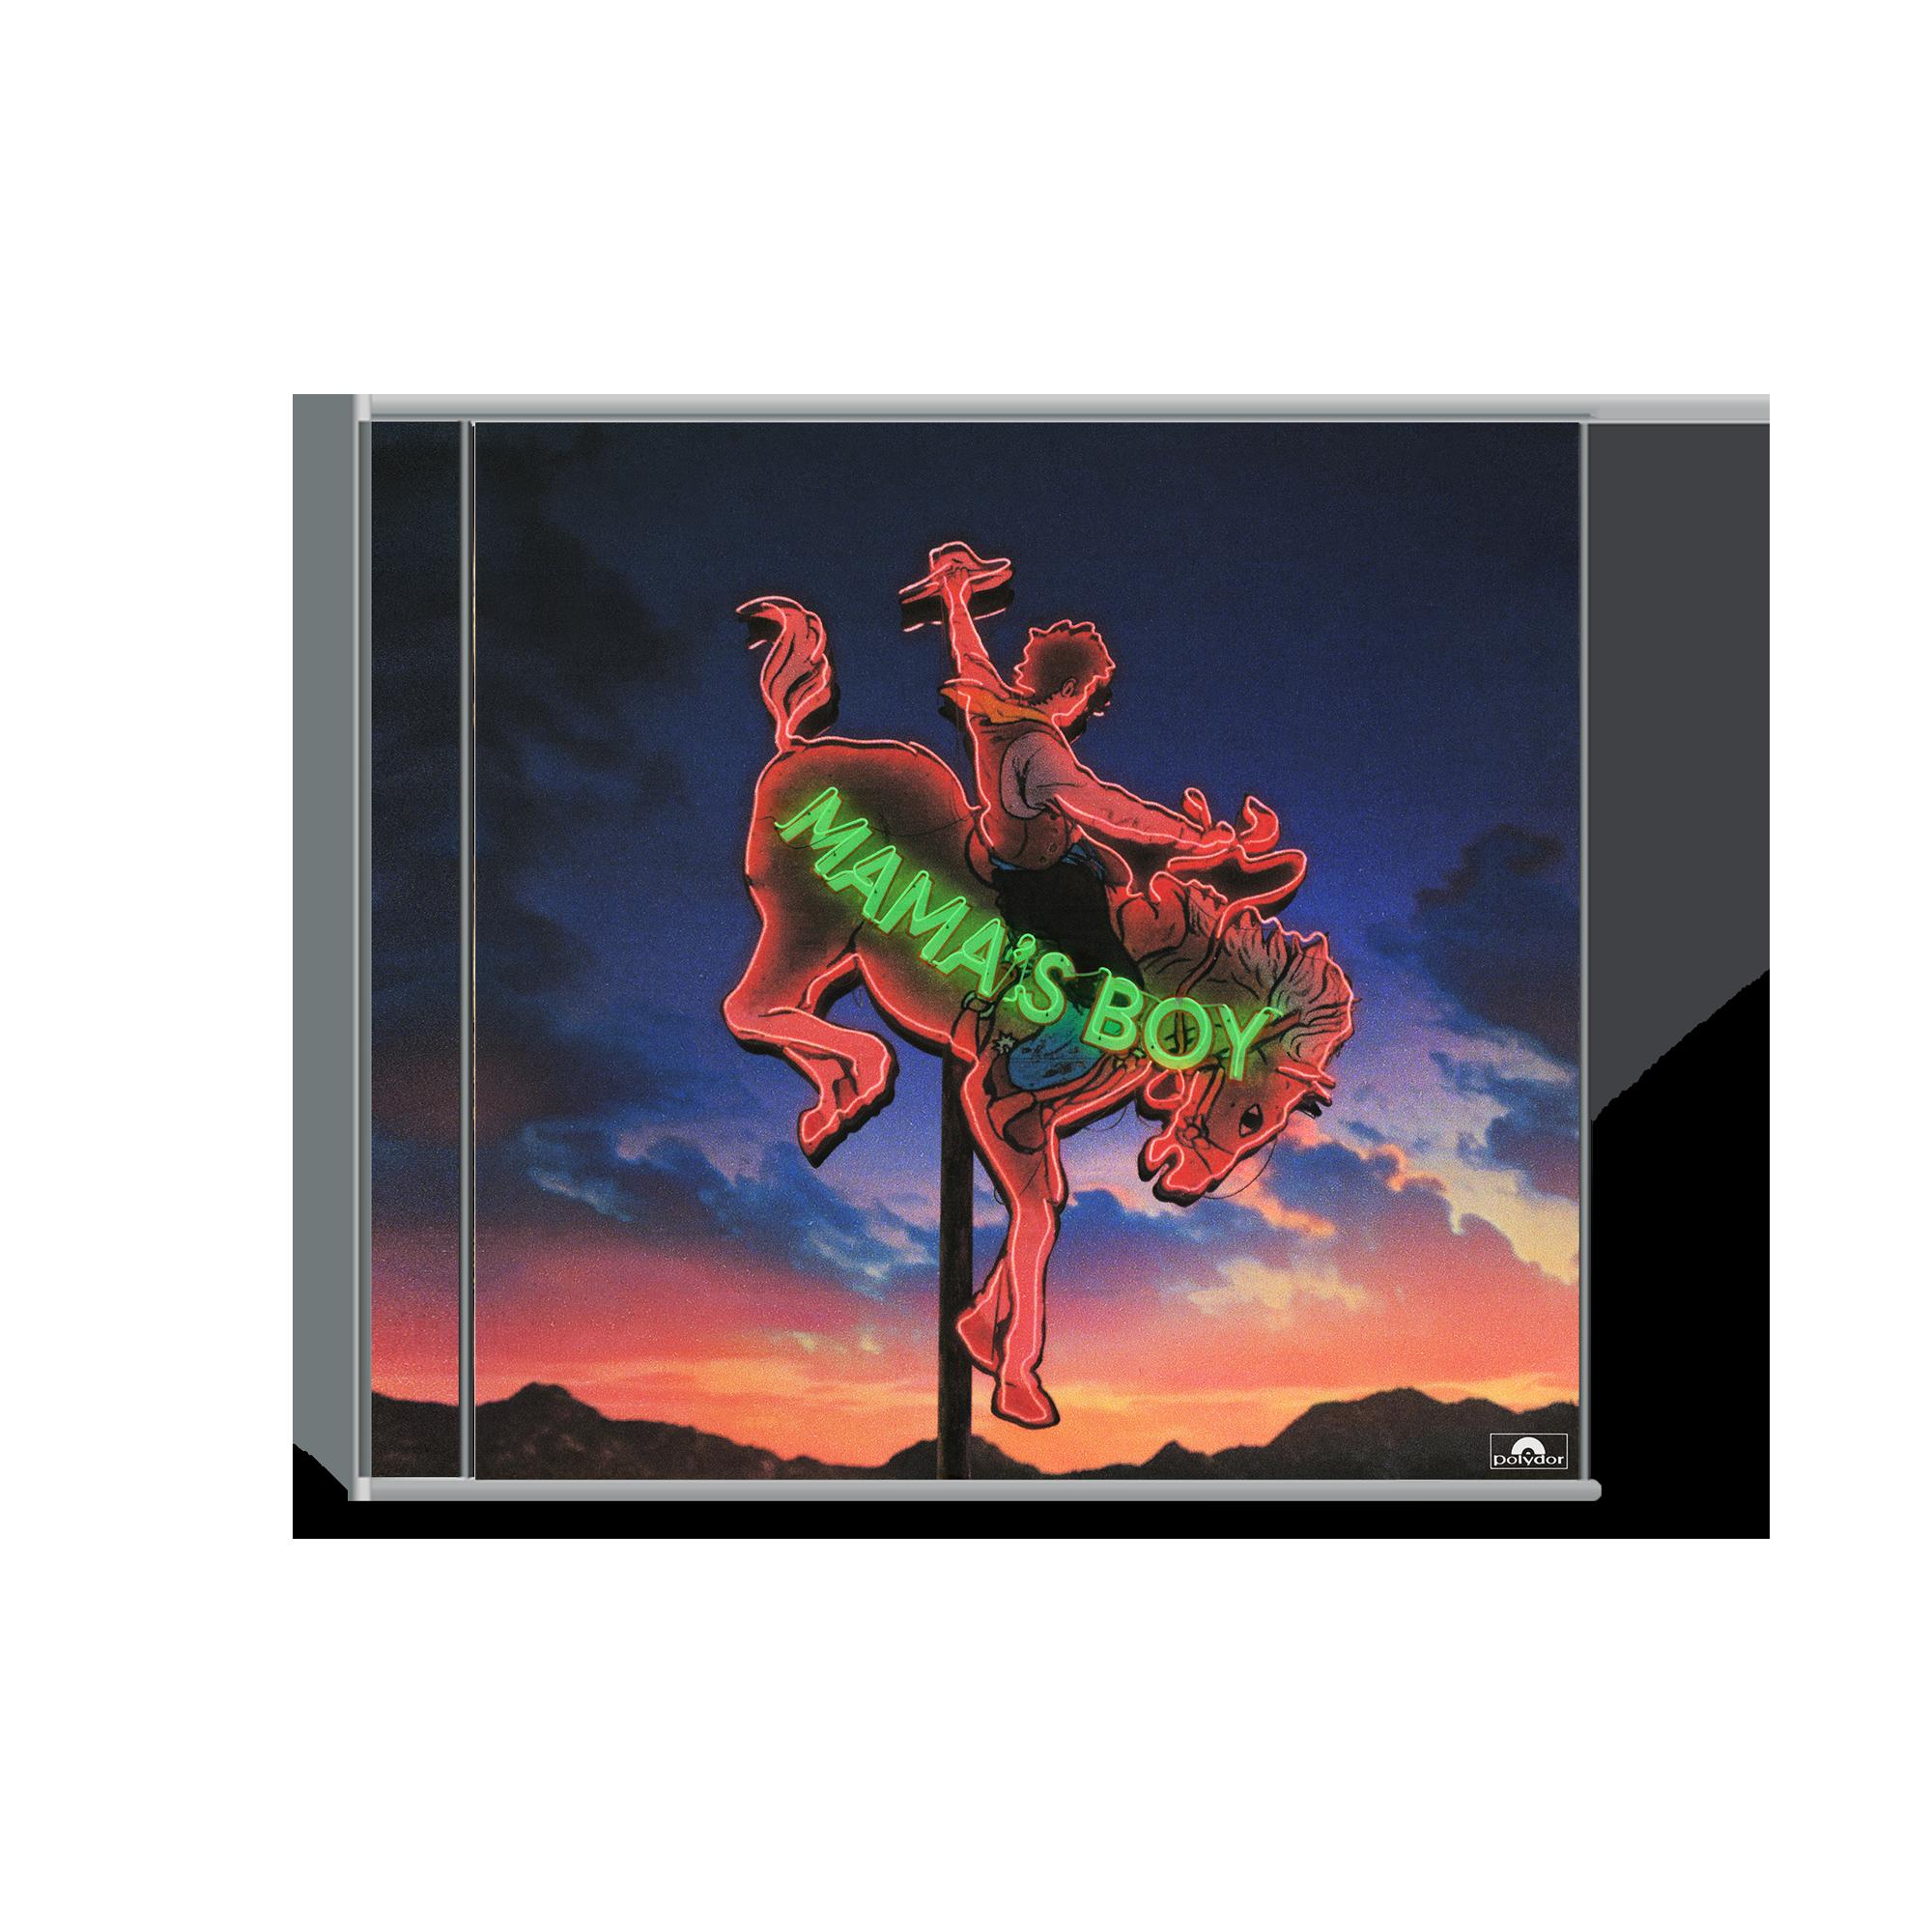 mama's boy (CD)